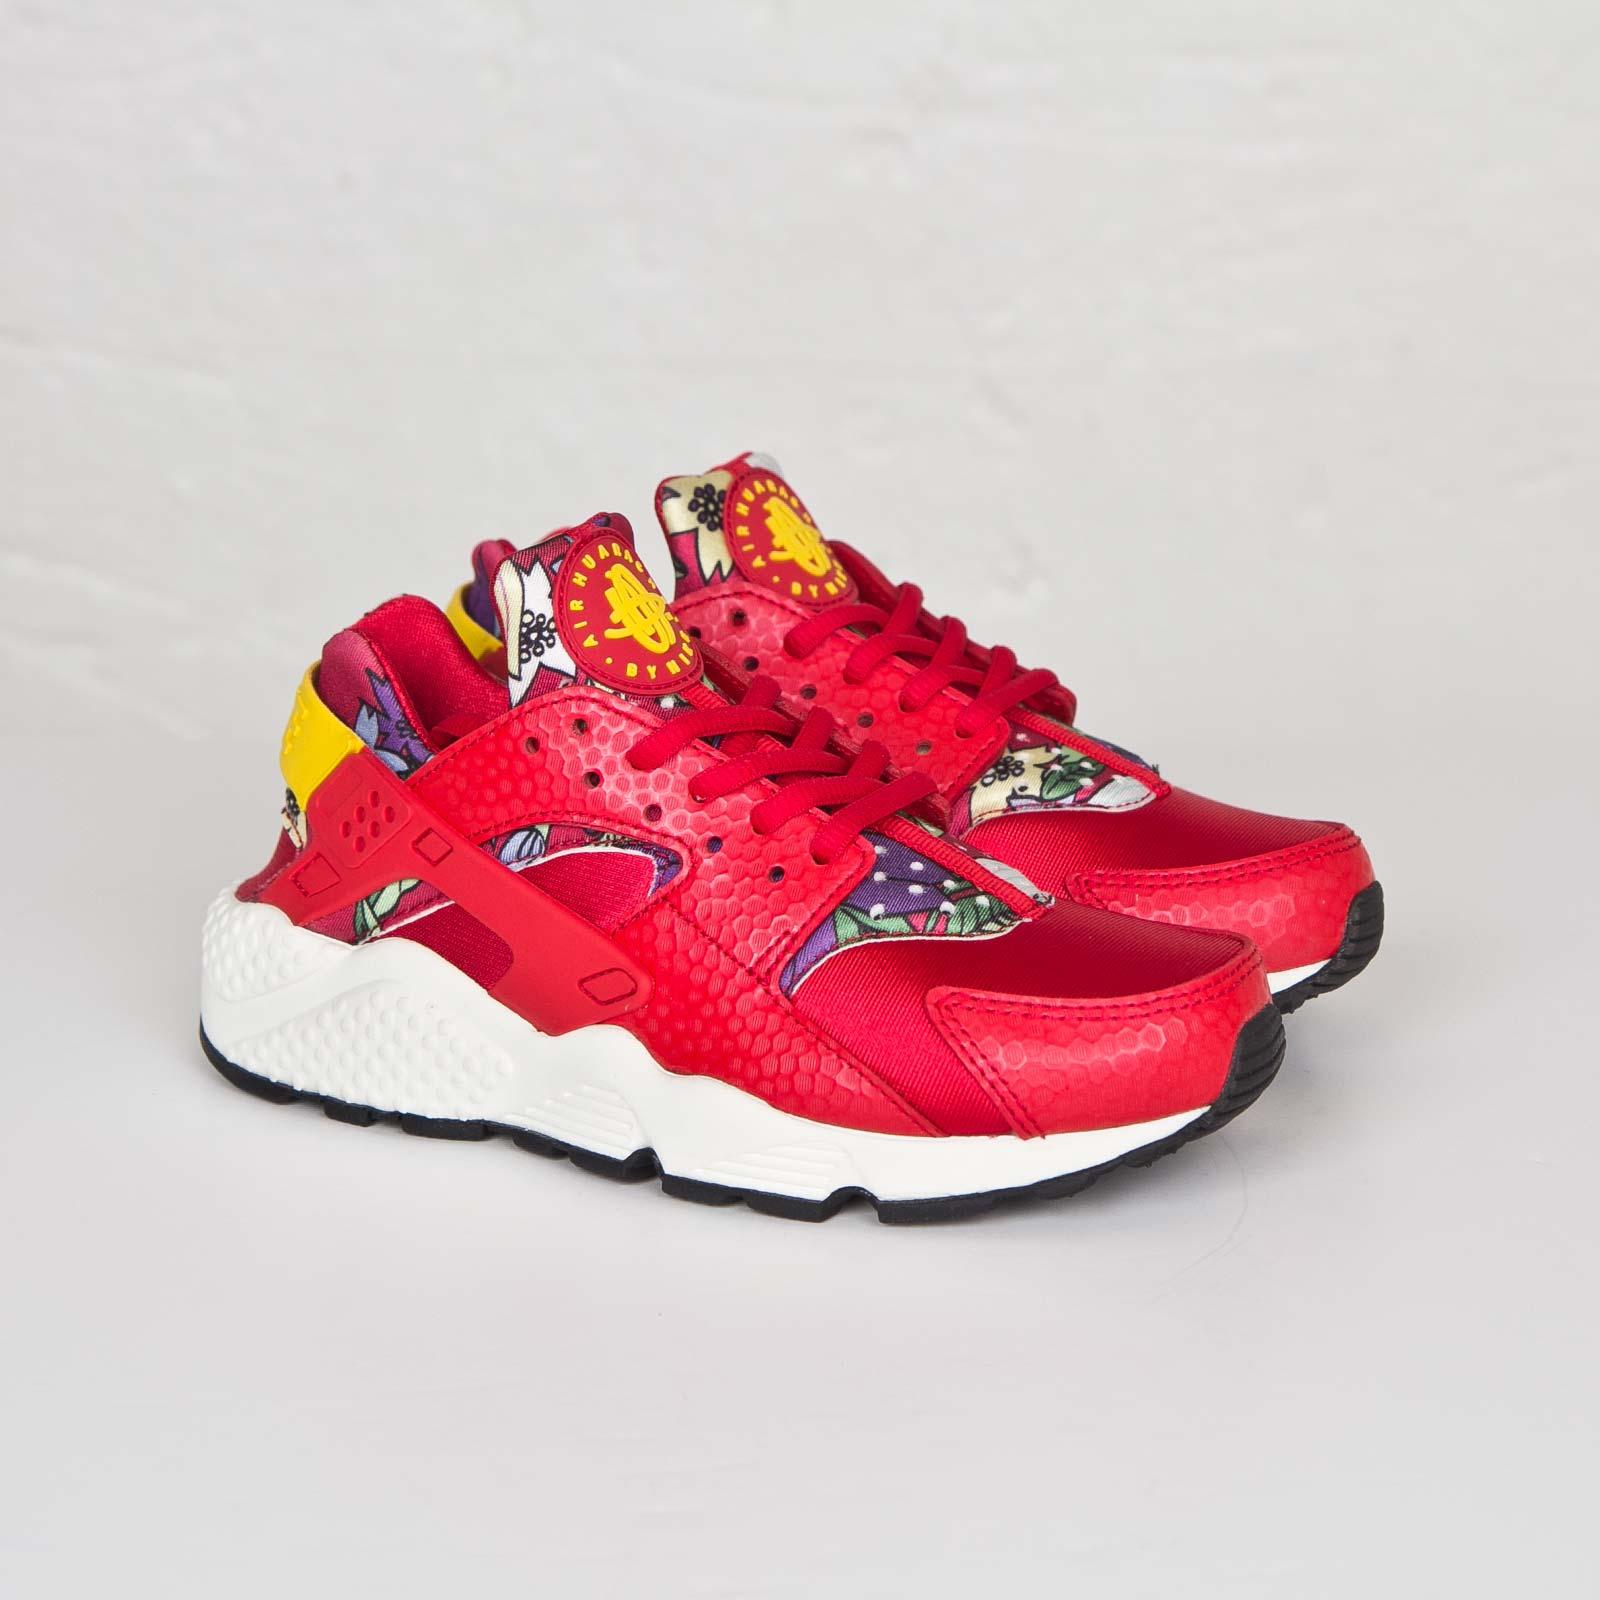 042c8c9845c4e Nike Wmns Air Huarache Run Print - 725076-601 - Sneakersnstuff ...